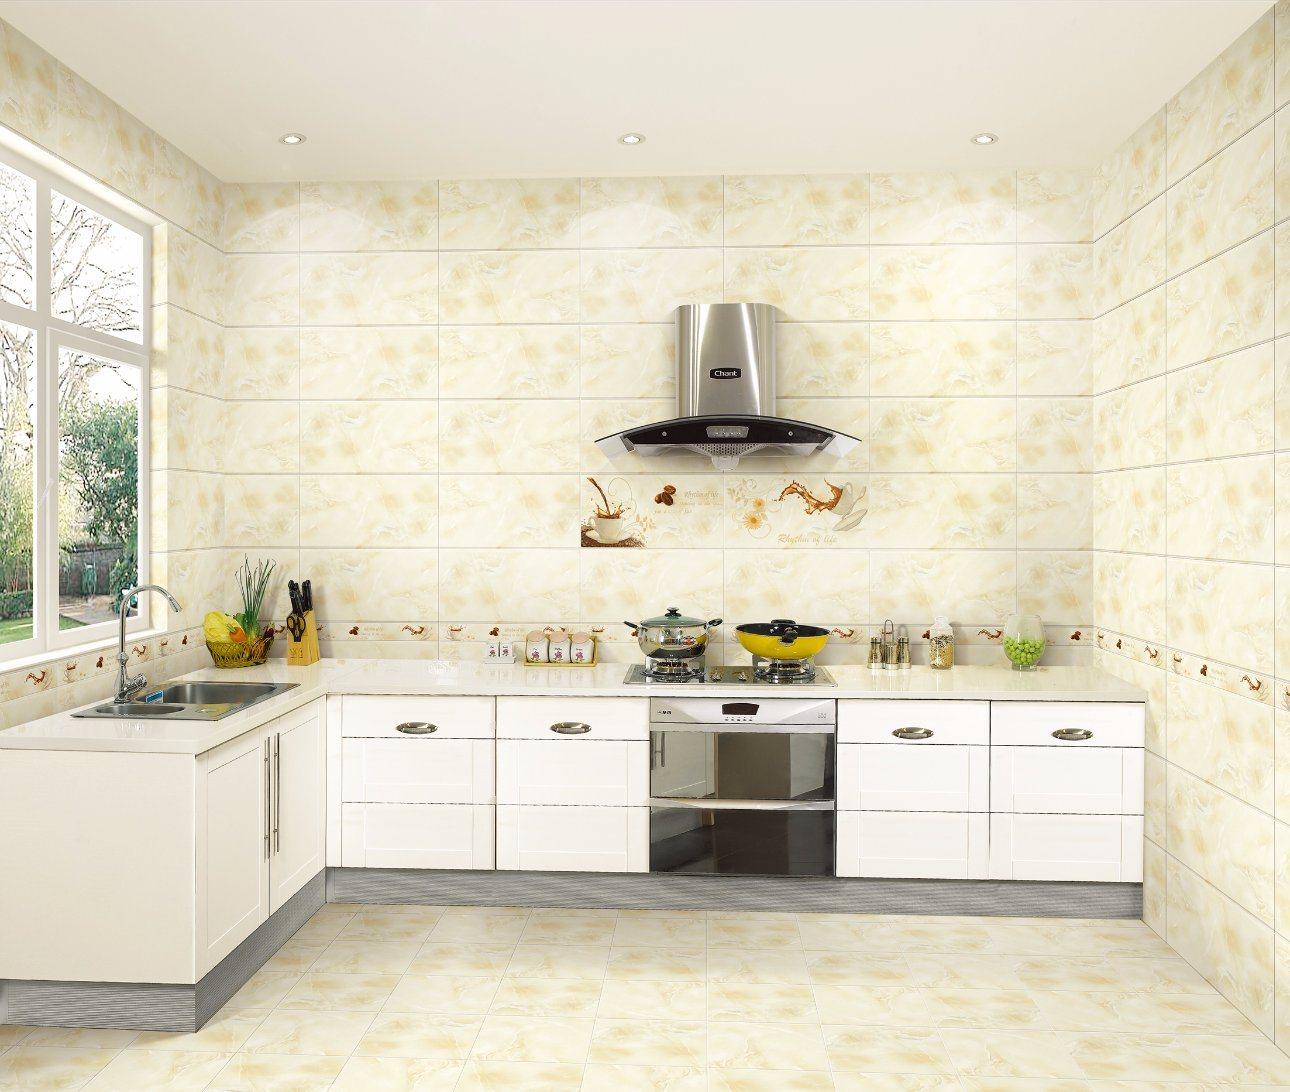 china 300x600 marble pattern kitchen